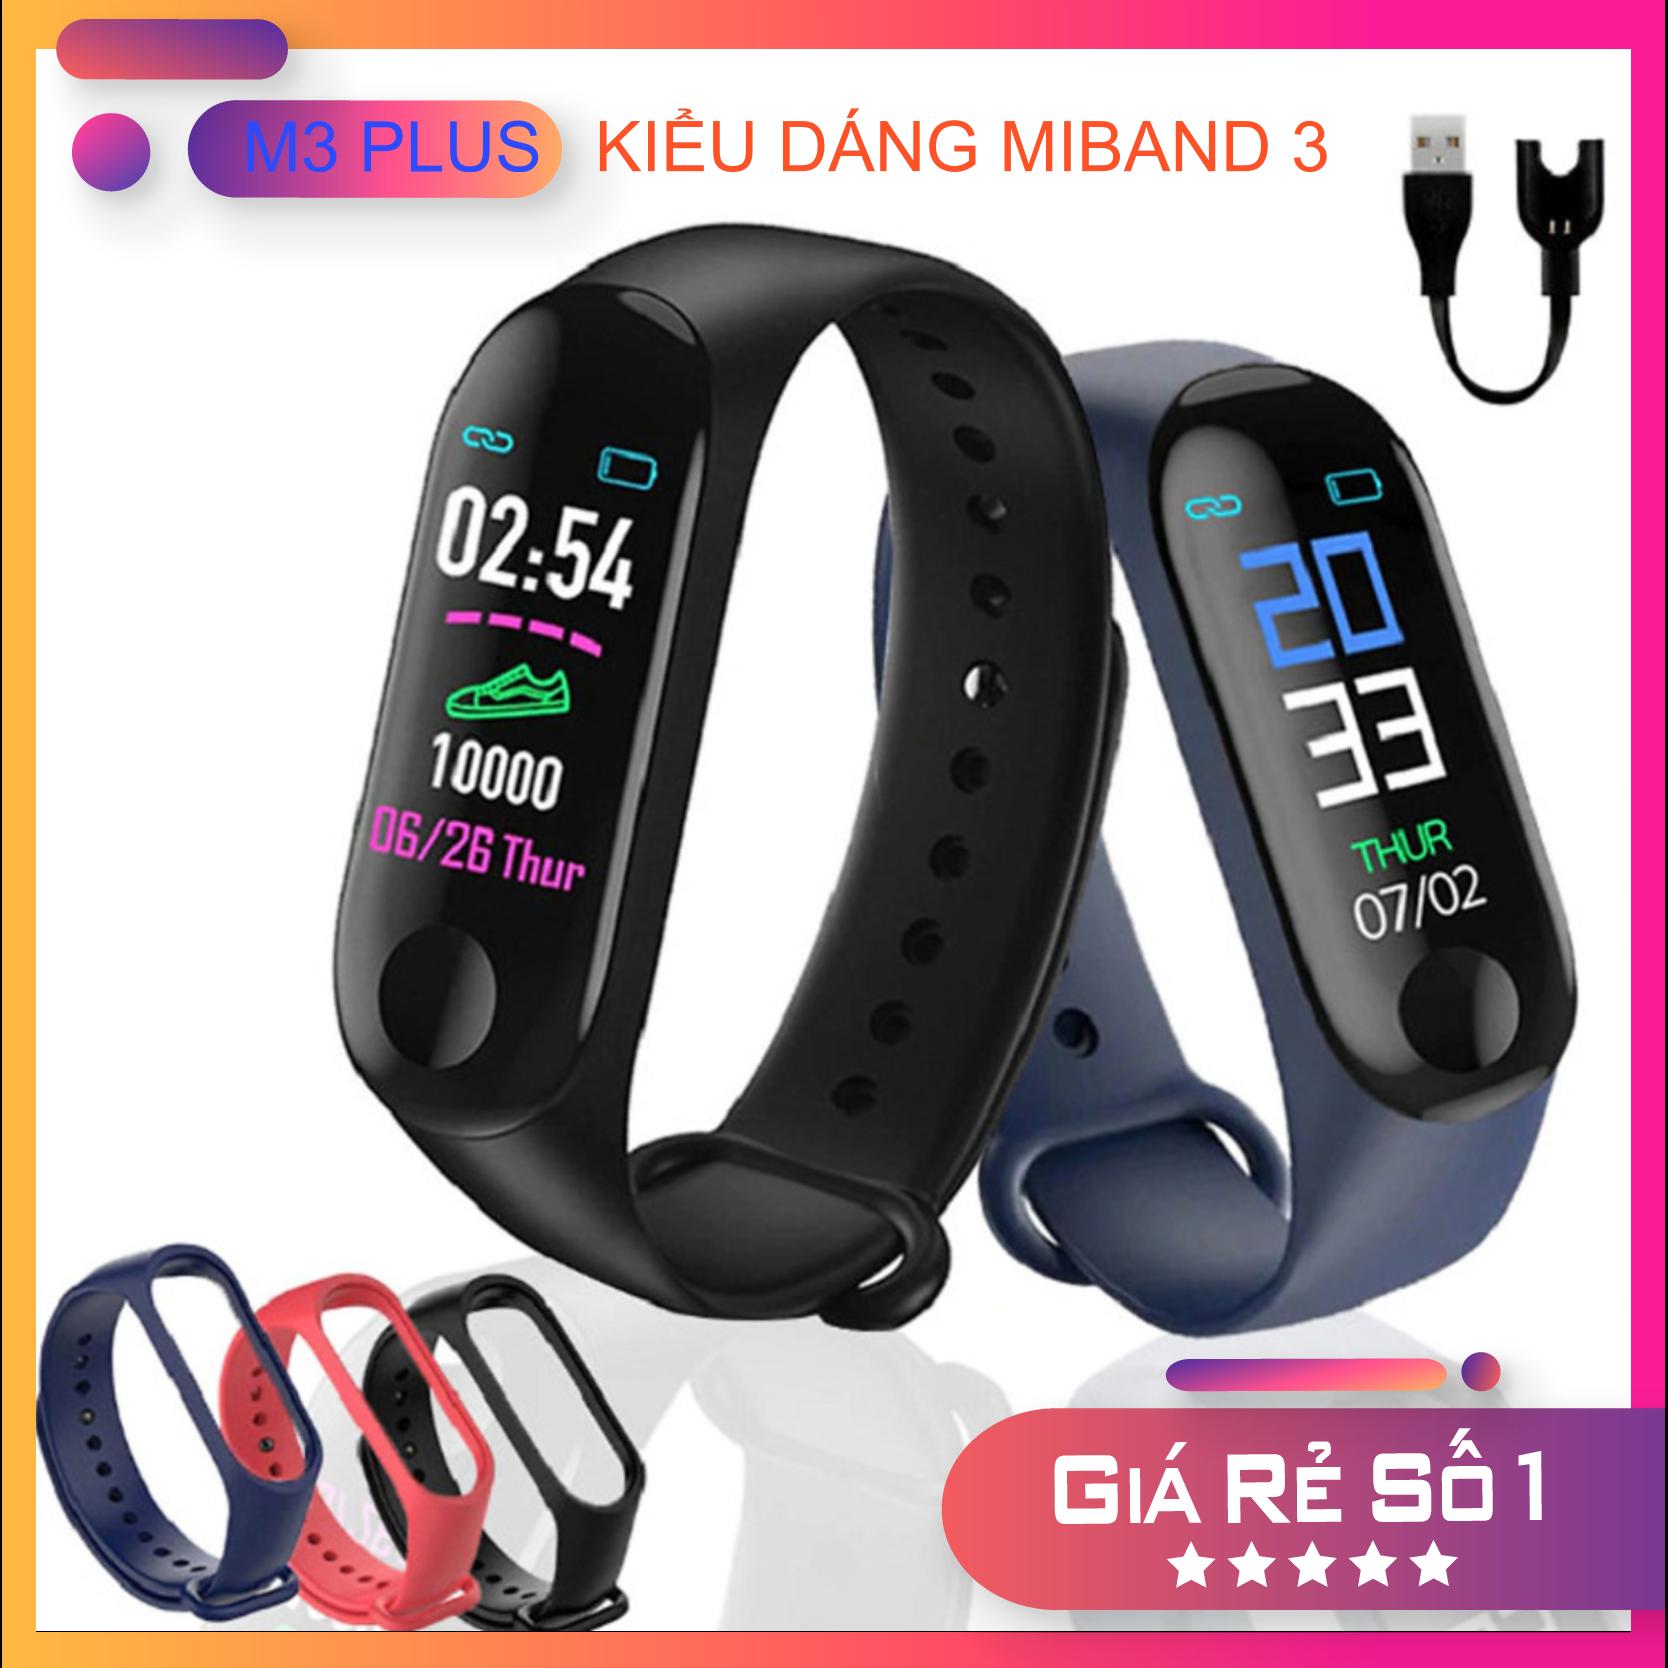 Vòng đeo tay thông minh M3 Plus kiểu dáng Xiaomi Band 3 – Tặng kèm dây đeo thay thế – Bluetooth, chăm sóc sức khoẻ hoạt theo dõi hoạt động thể thao. Bảo hành 6 tháng